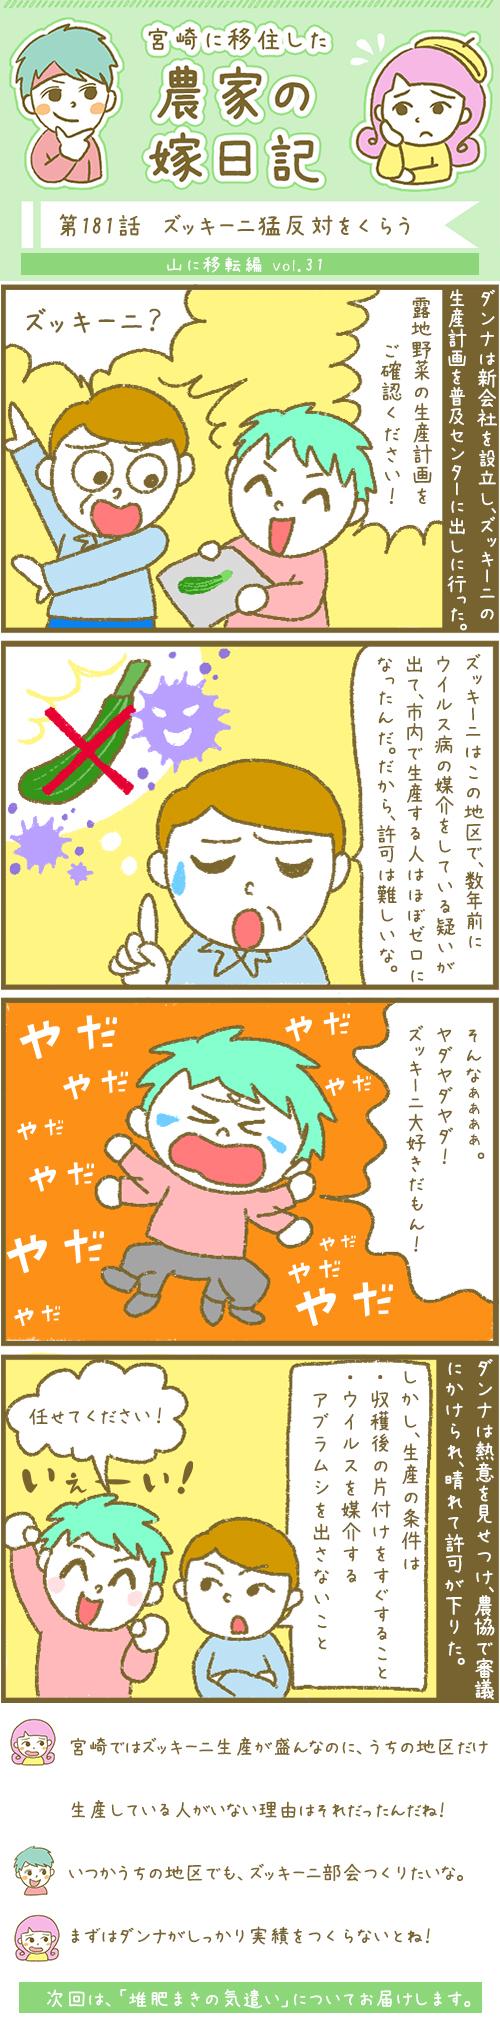 漫画第181話